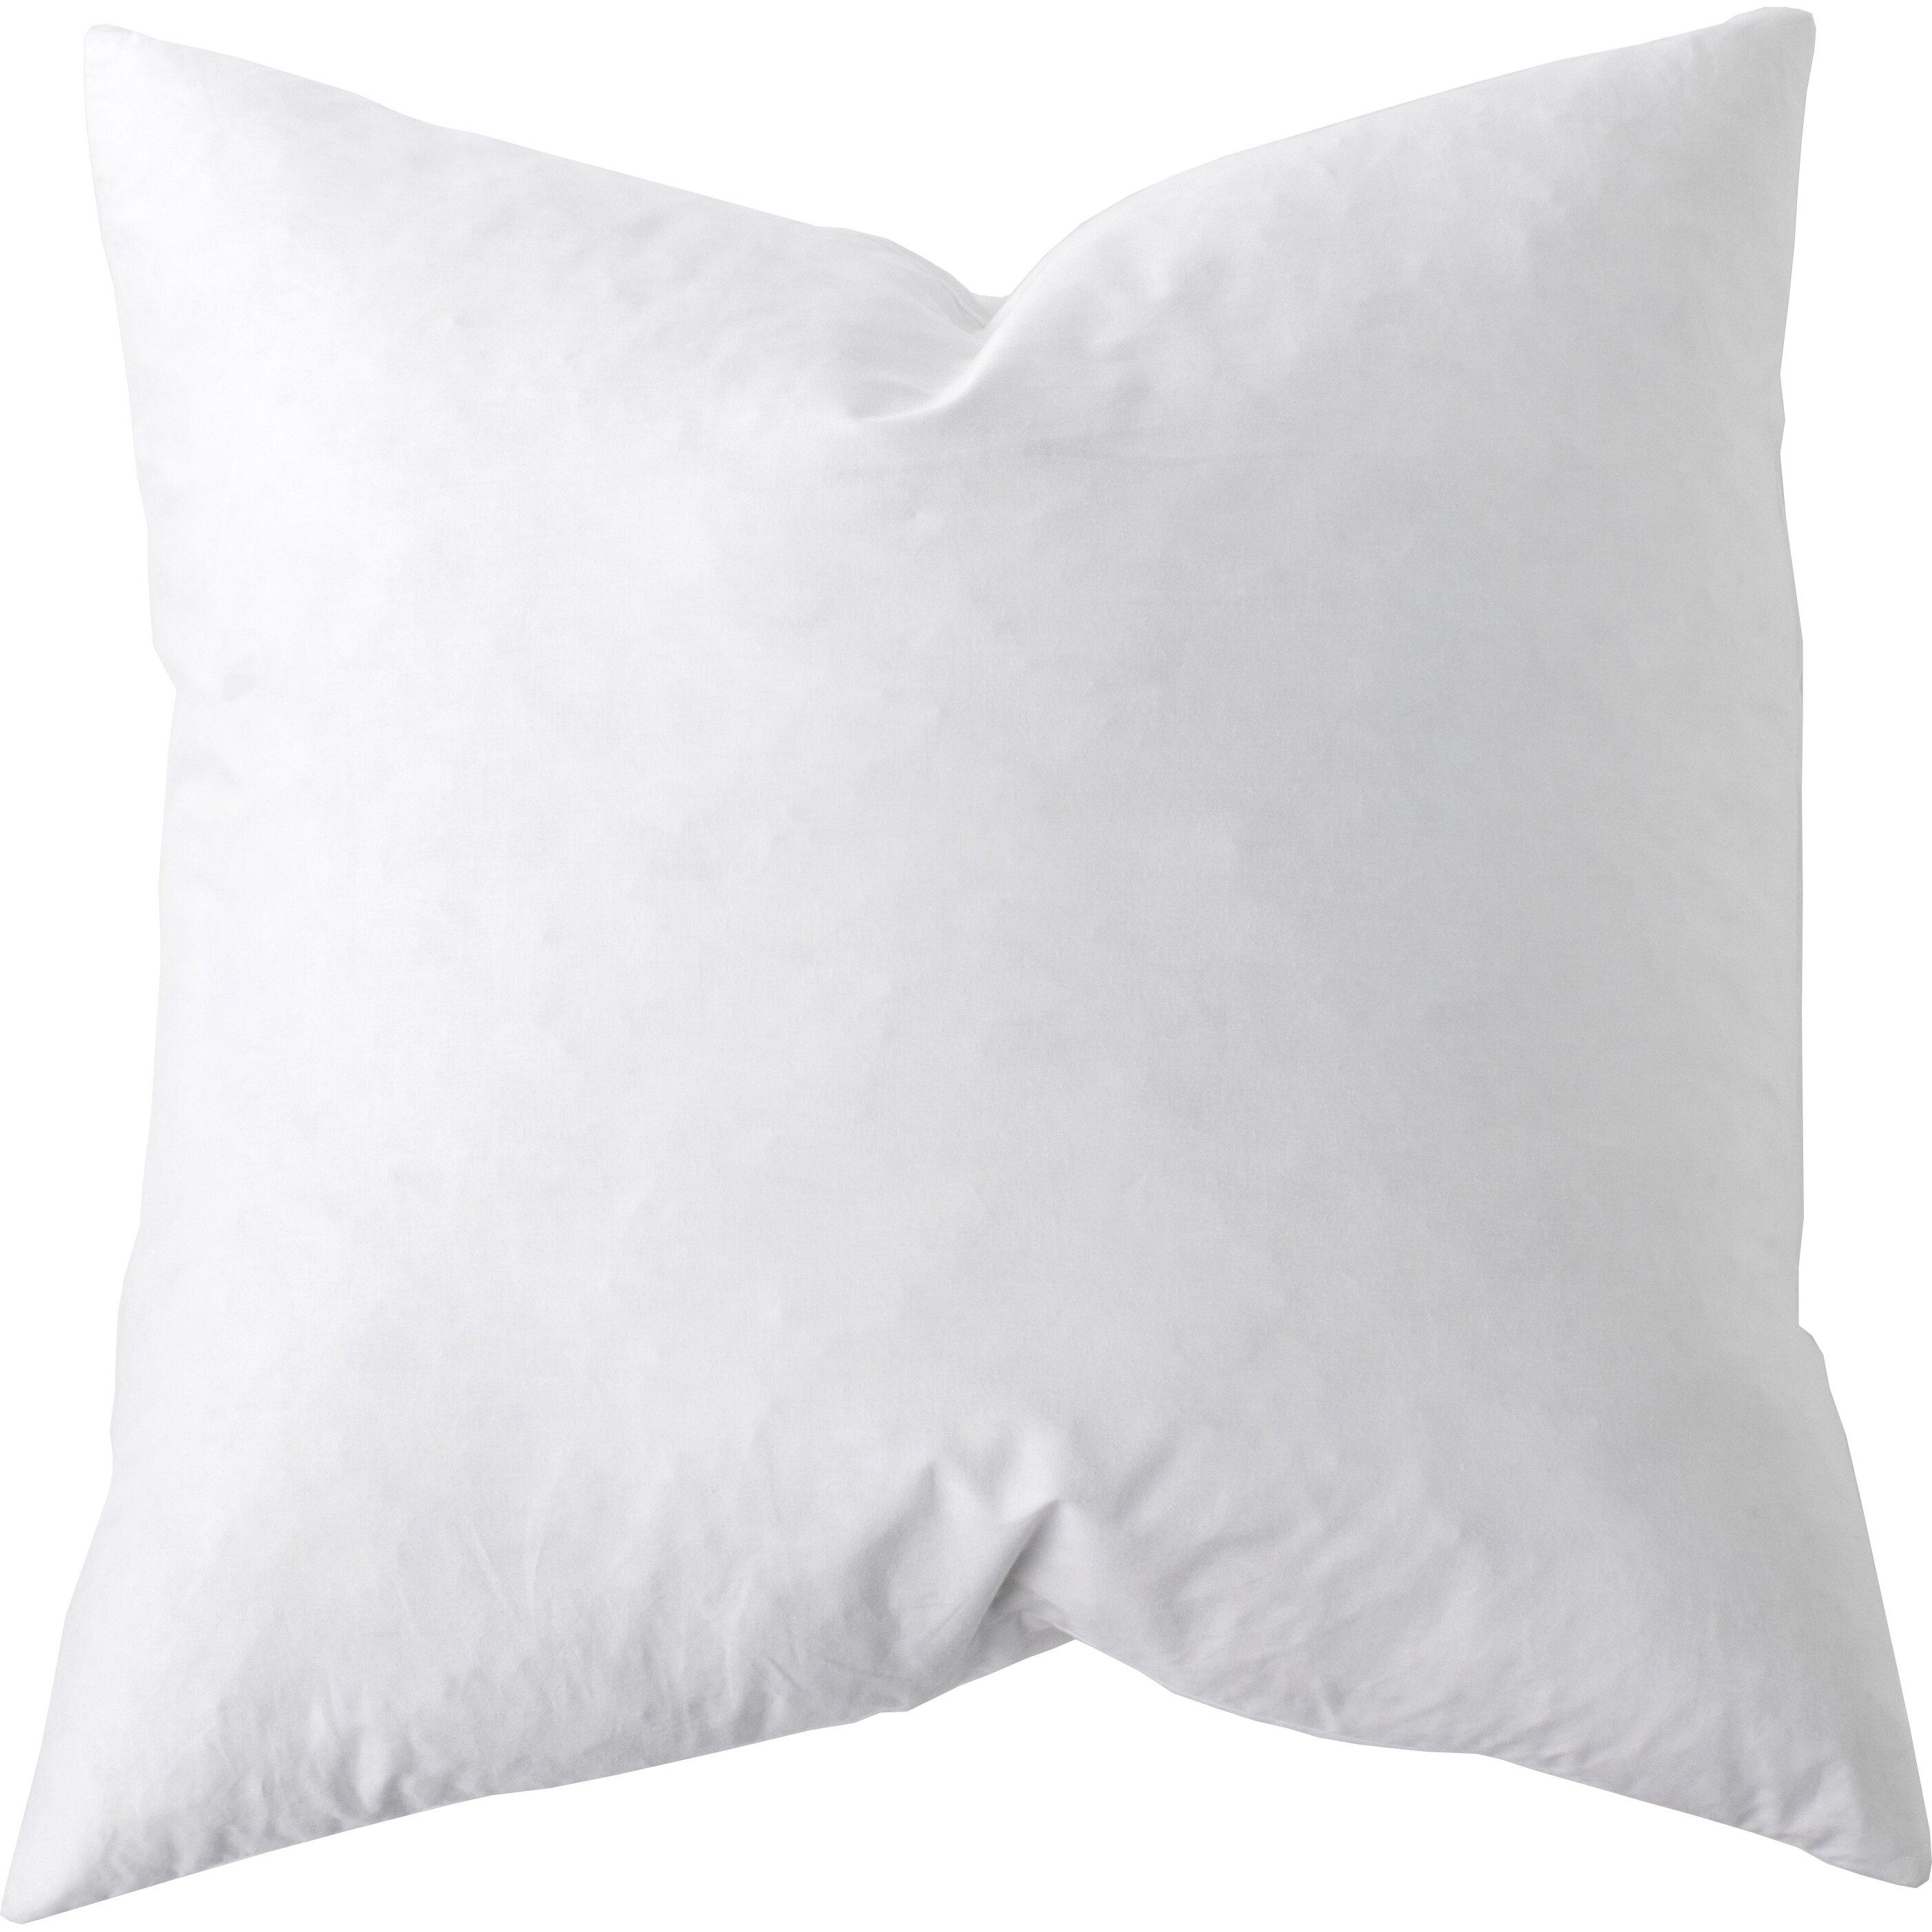 Sunflower Hometex Down Alternative Cotton Euro Pillow & Reviews Wayfair